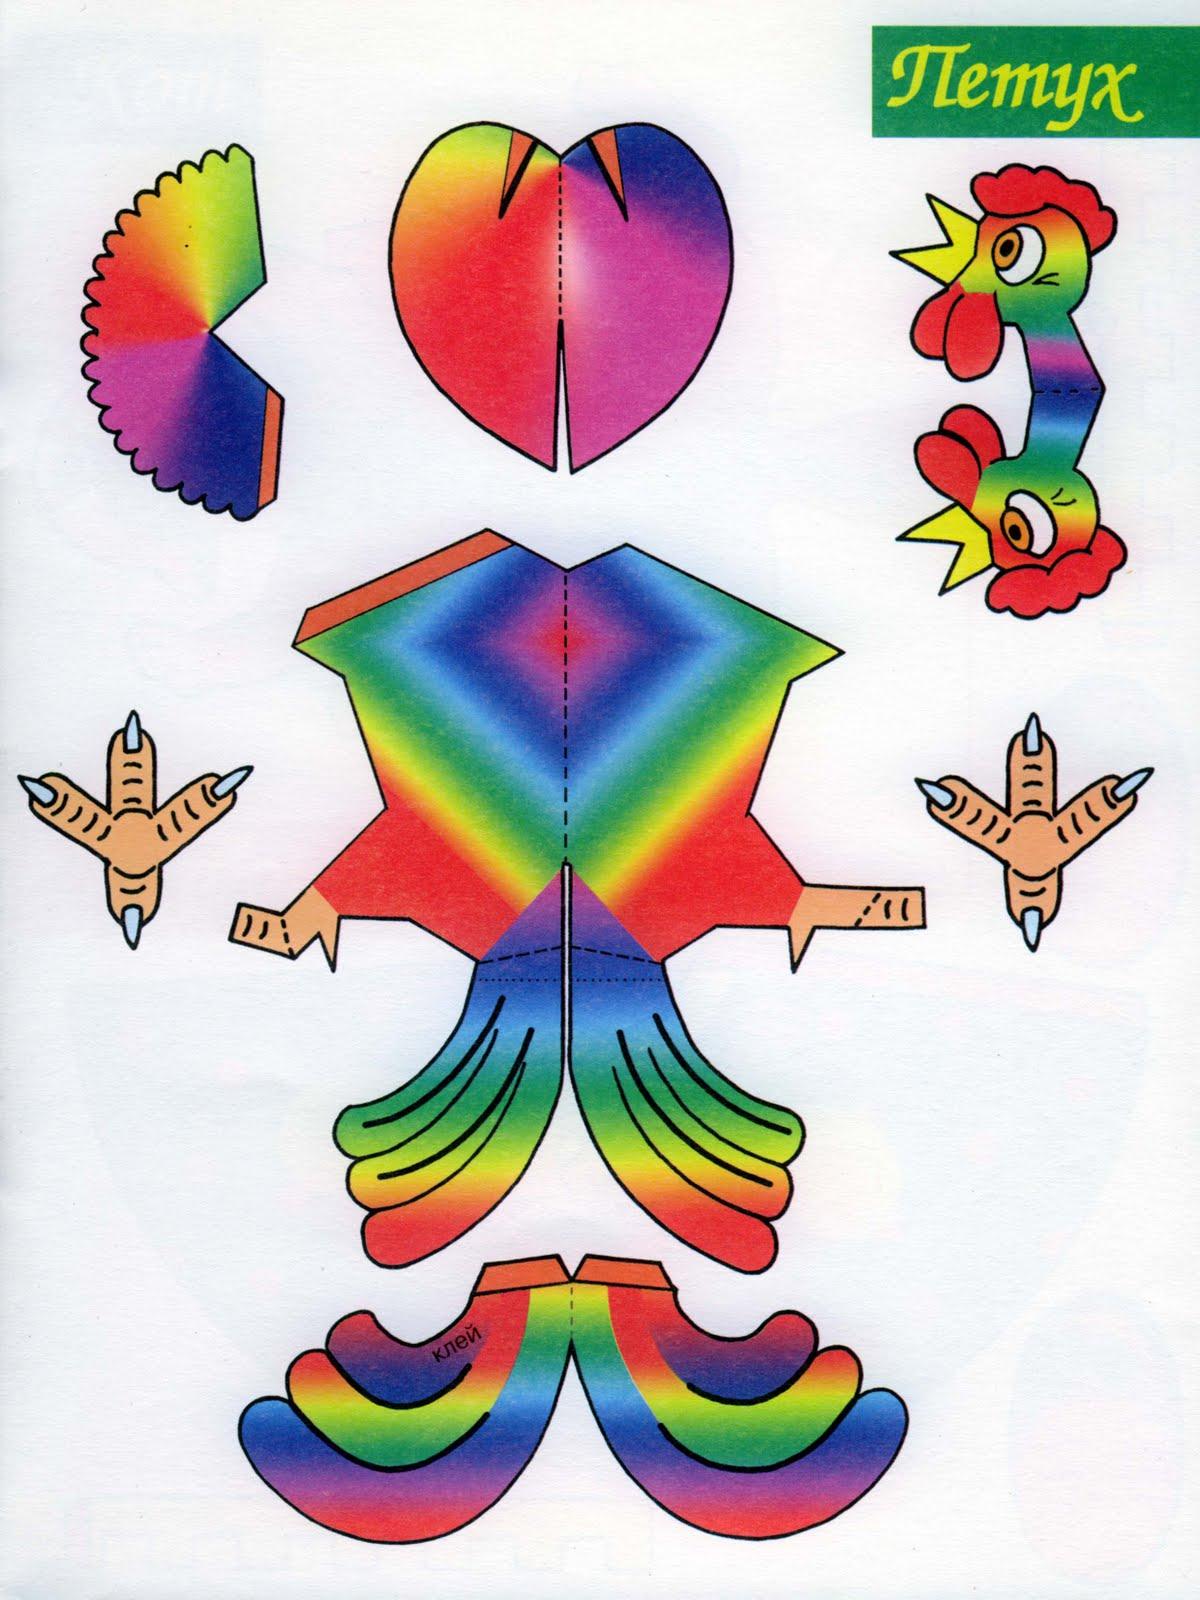 Фигурка петуха своими руками из бумаги